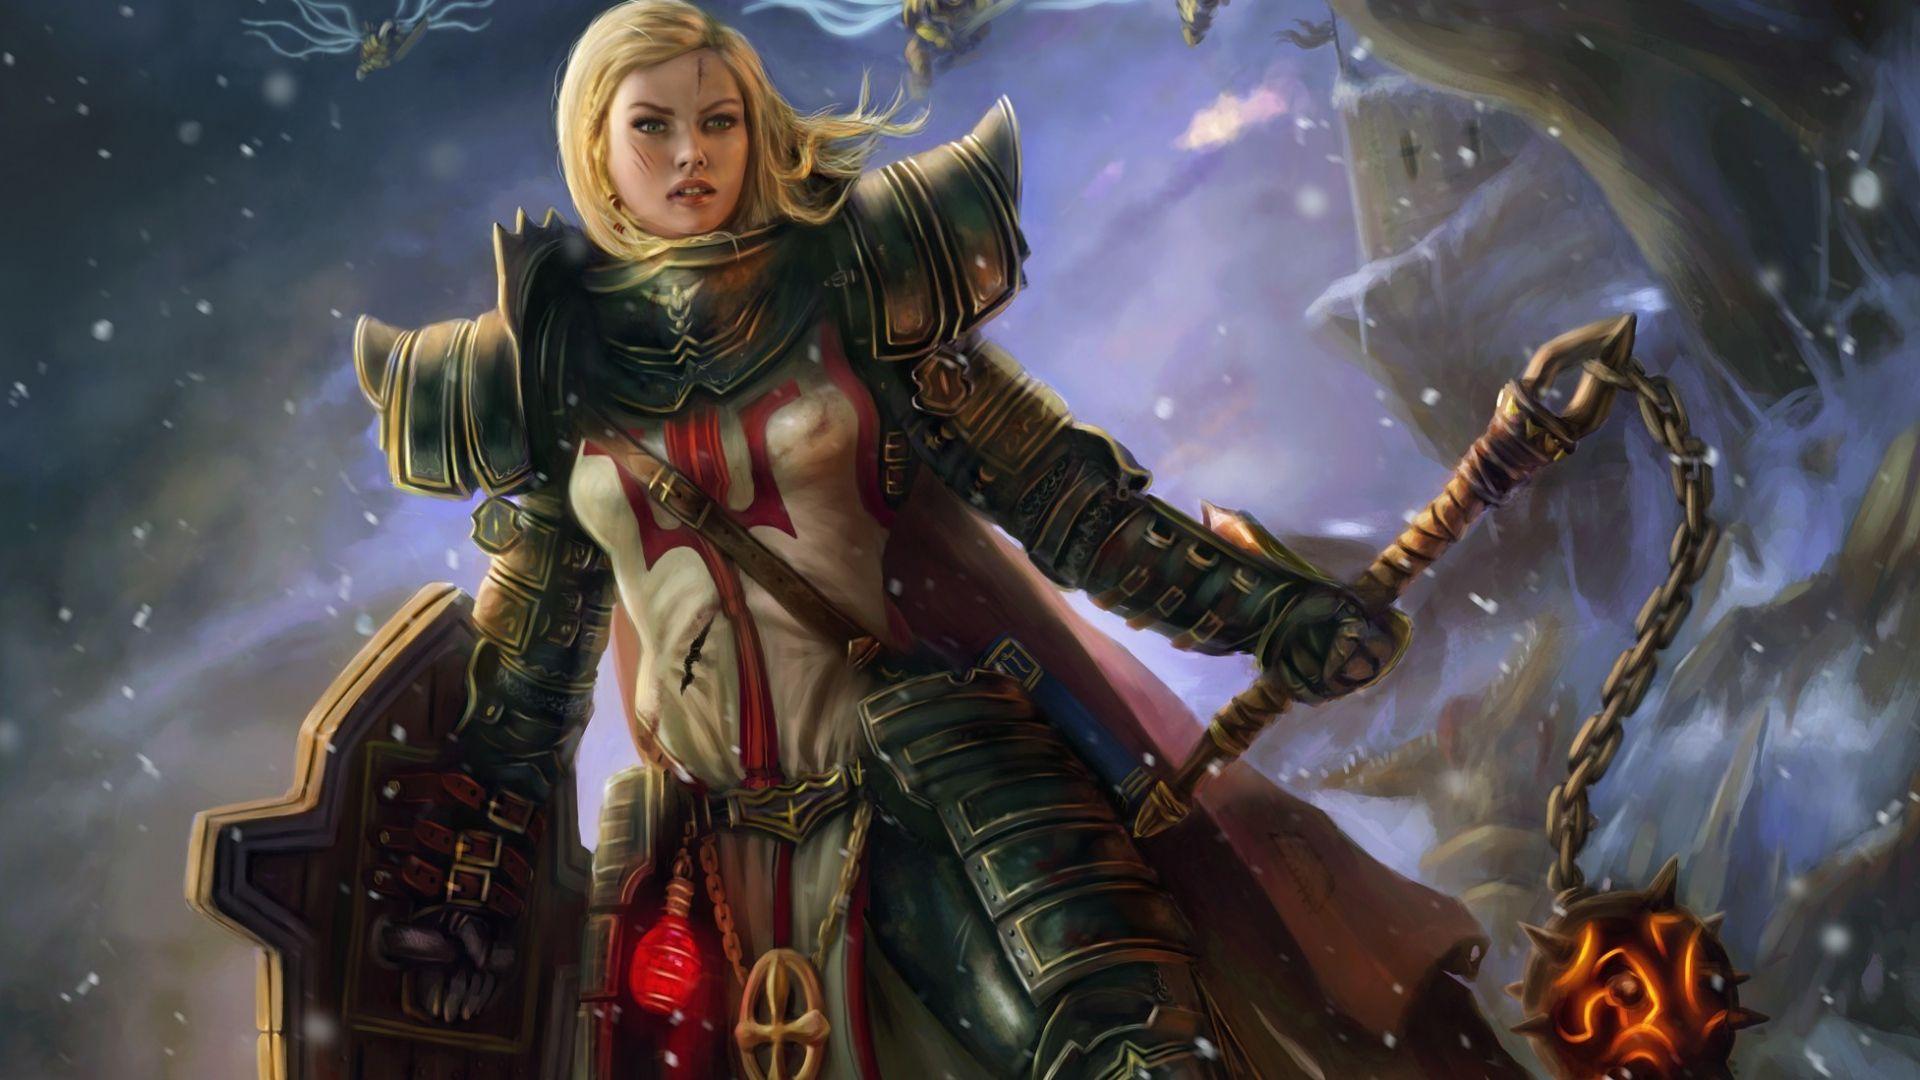 Diablo 3 Wallpaper Hd Free Download Jpg 1920 1080 Fantasy Armor Diablo Crusades